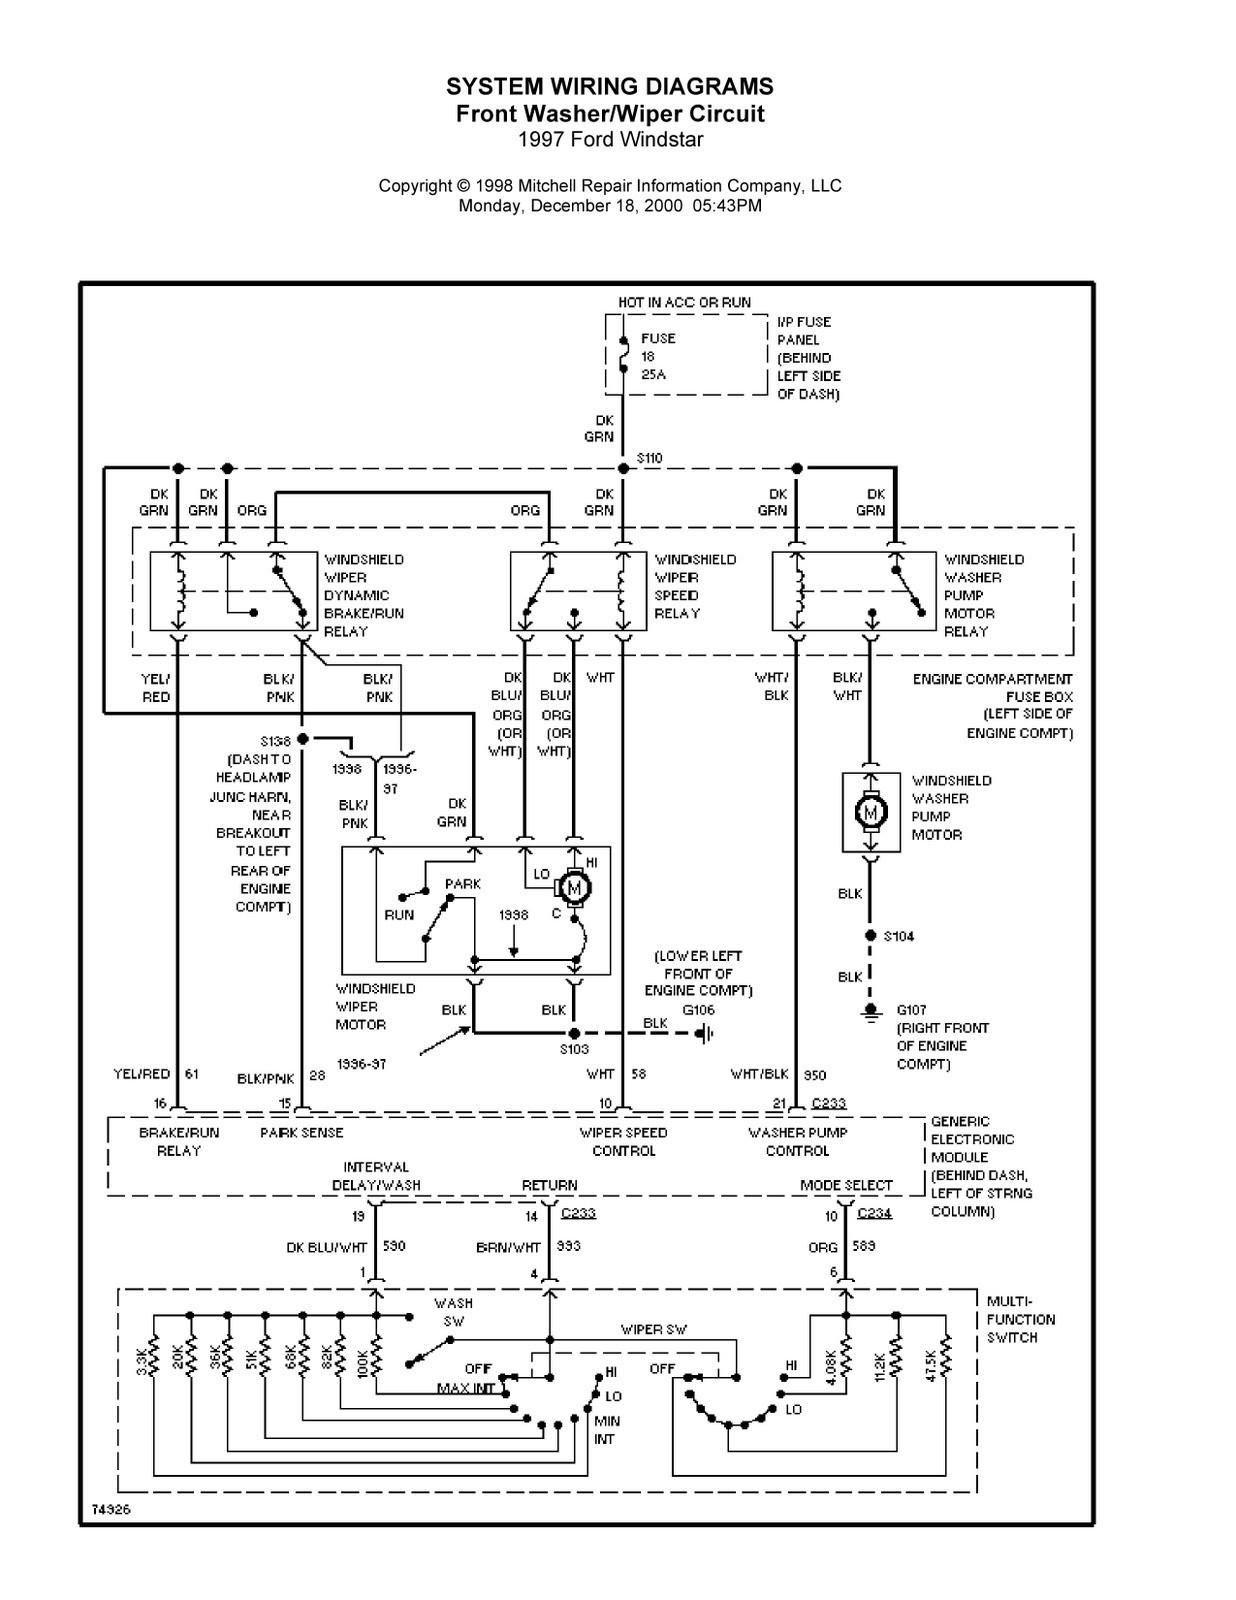 2003 ford windstar electrical wiring diagram best wiring library Ford Windstar Parts Diagram 1999 ford windstar wiring schematics